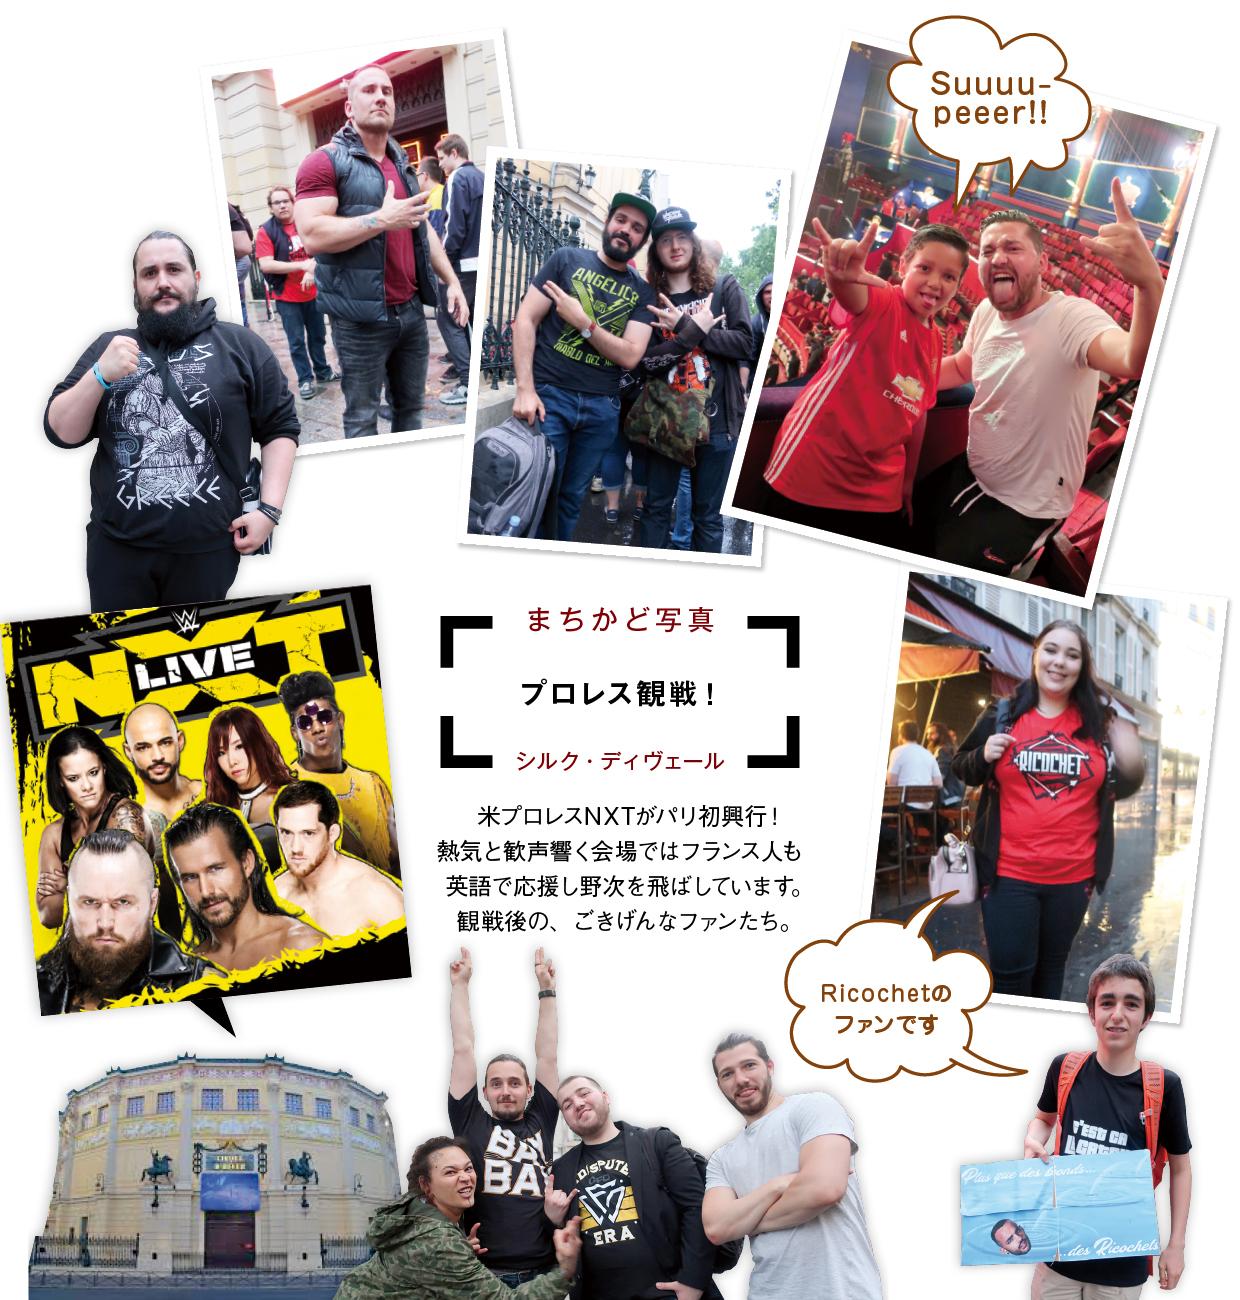 まちかど写真「プロレス観戦!」シルク・ディヴェール:米プロレスNXTがパリ初興行!熱気と歓声響く会場ではフランス人も英語で応援し野次を飛ばしています。観戦後の、ごきげんなファンたち。/Suuupeeer!!/Ricochetのファンです